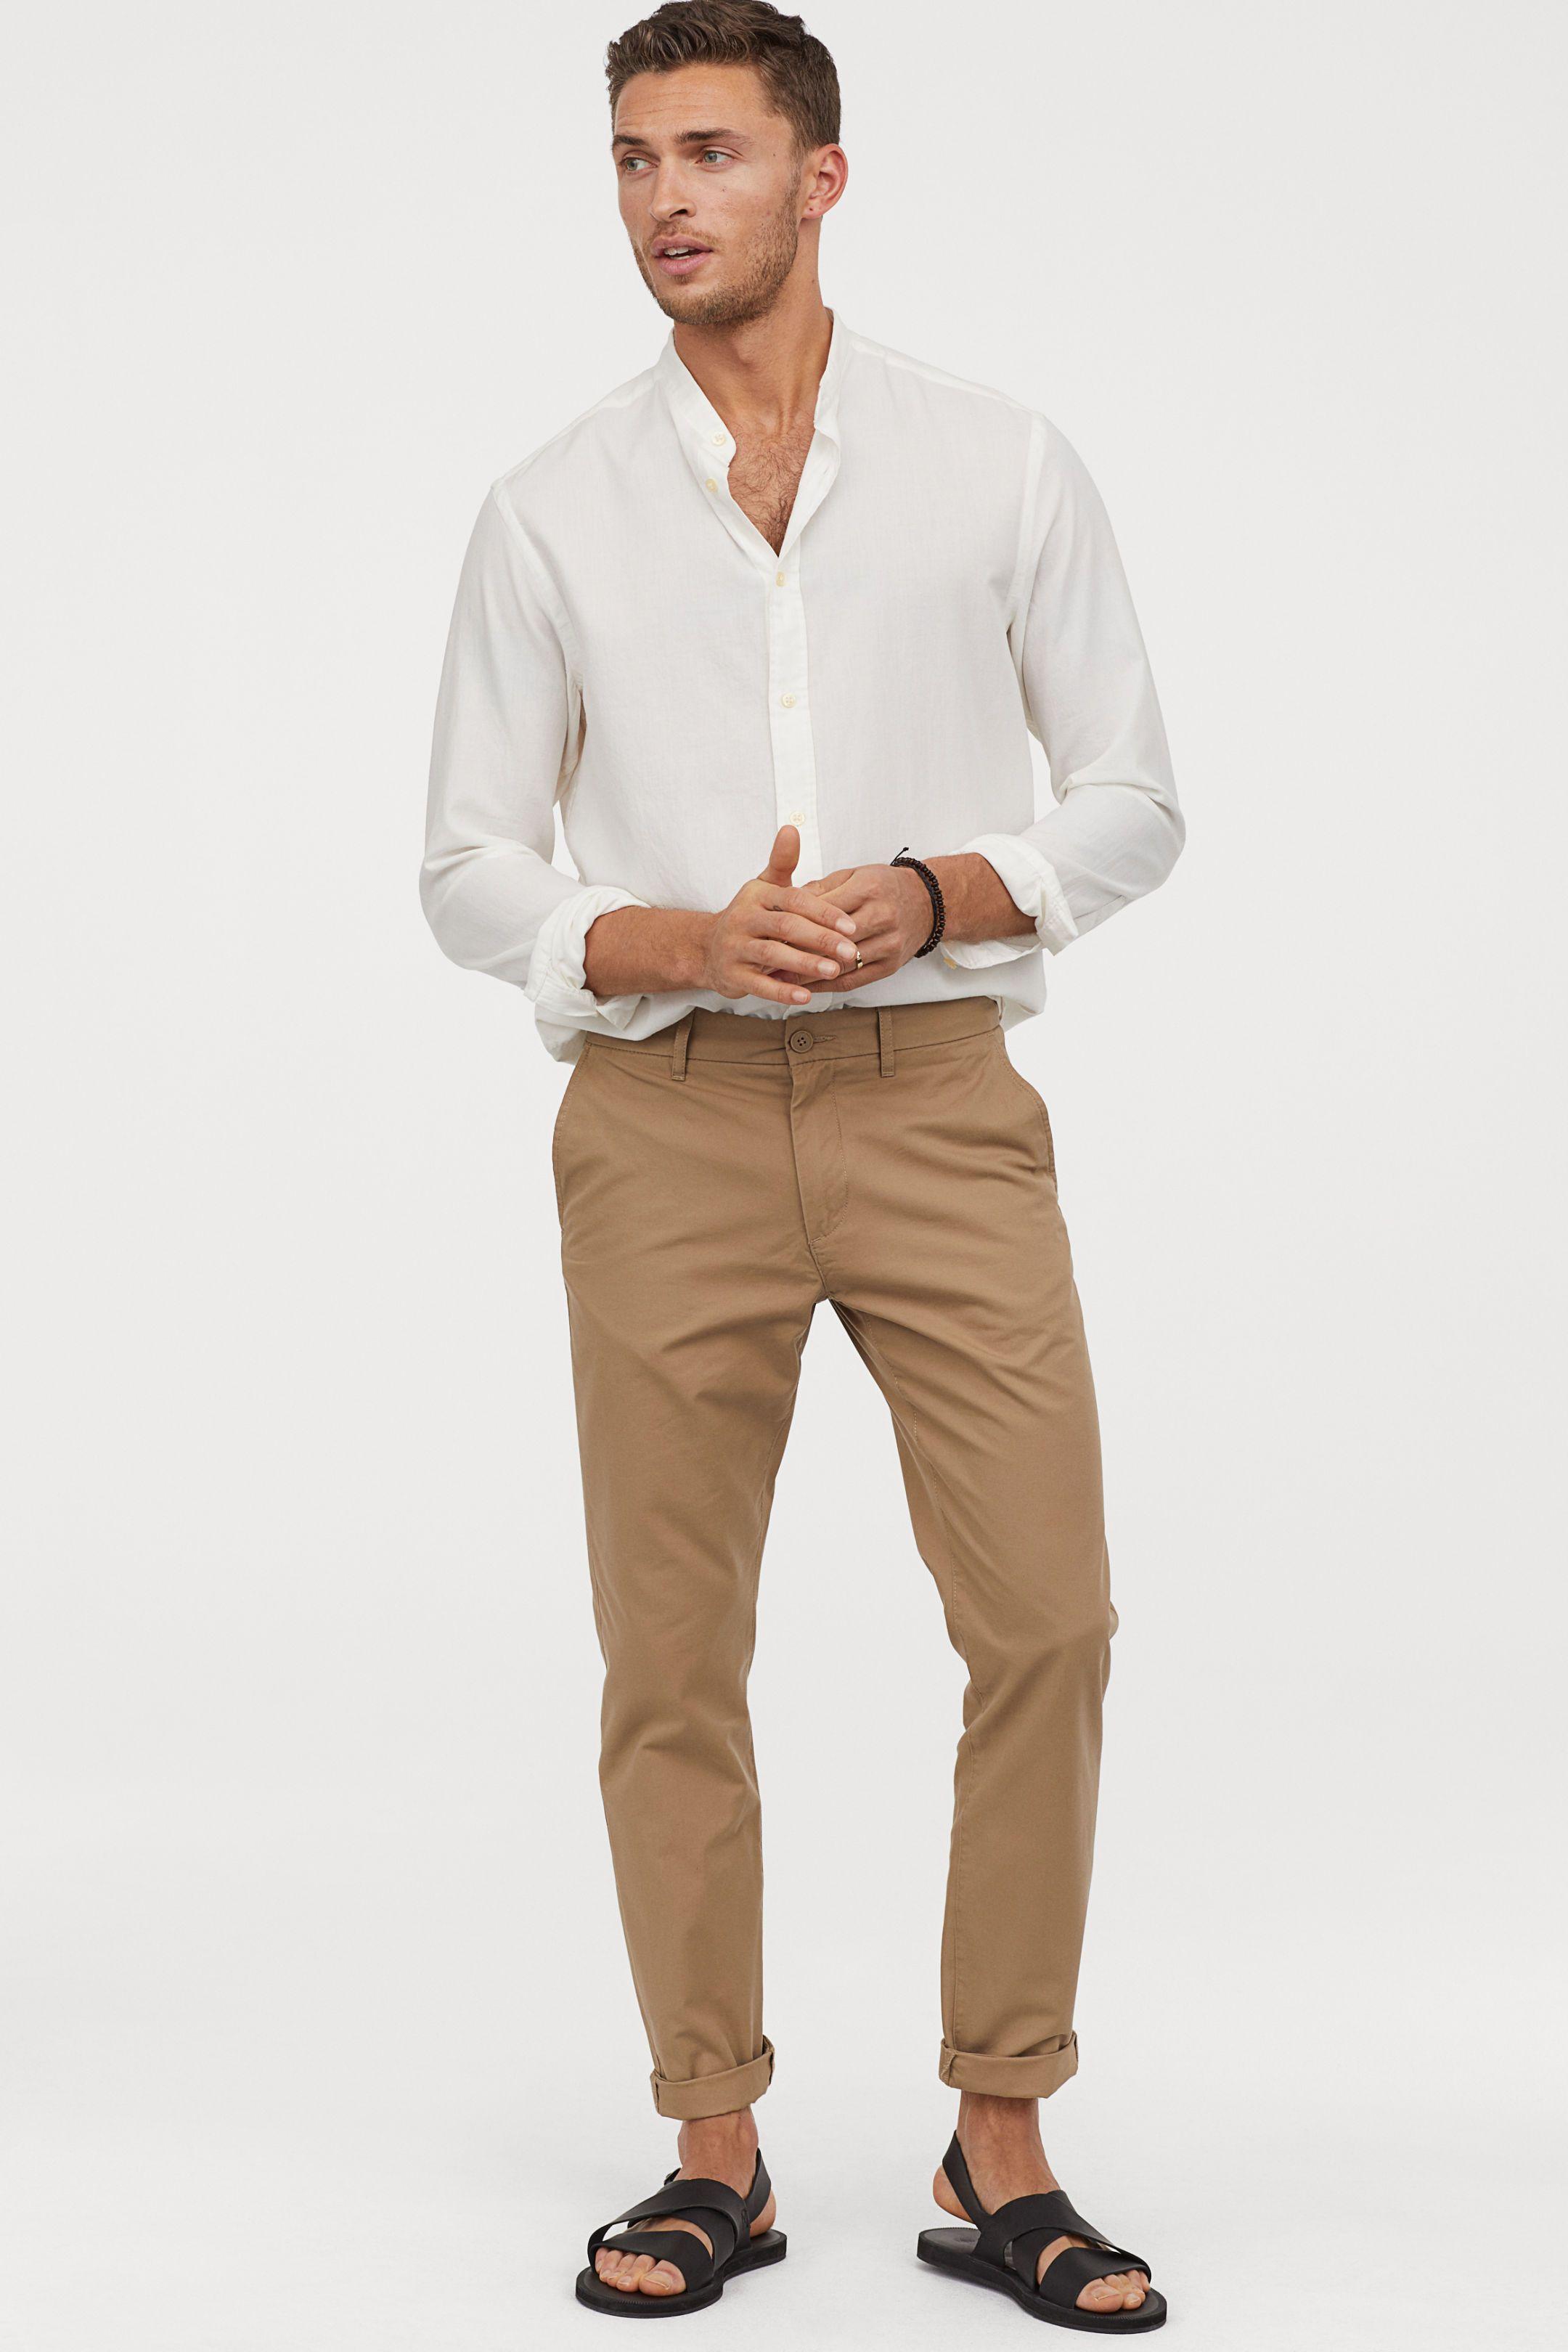 Vestiti Eleganti Hm Uomo.Chinos In Cotone Slim Fit Nel 2020 Abbigliamento Uomo Uomini